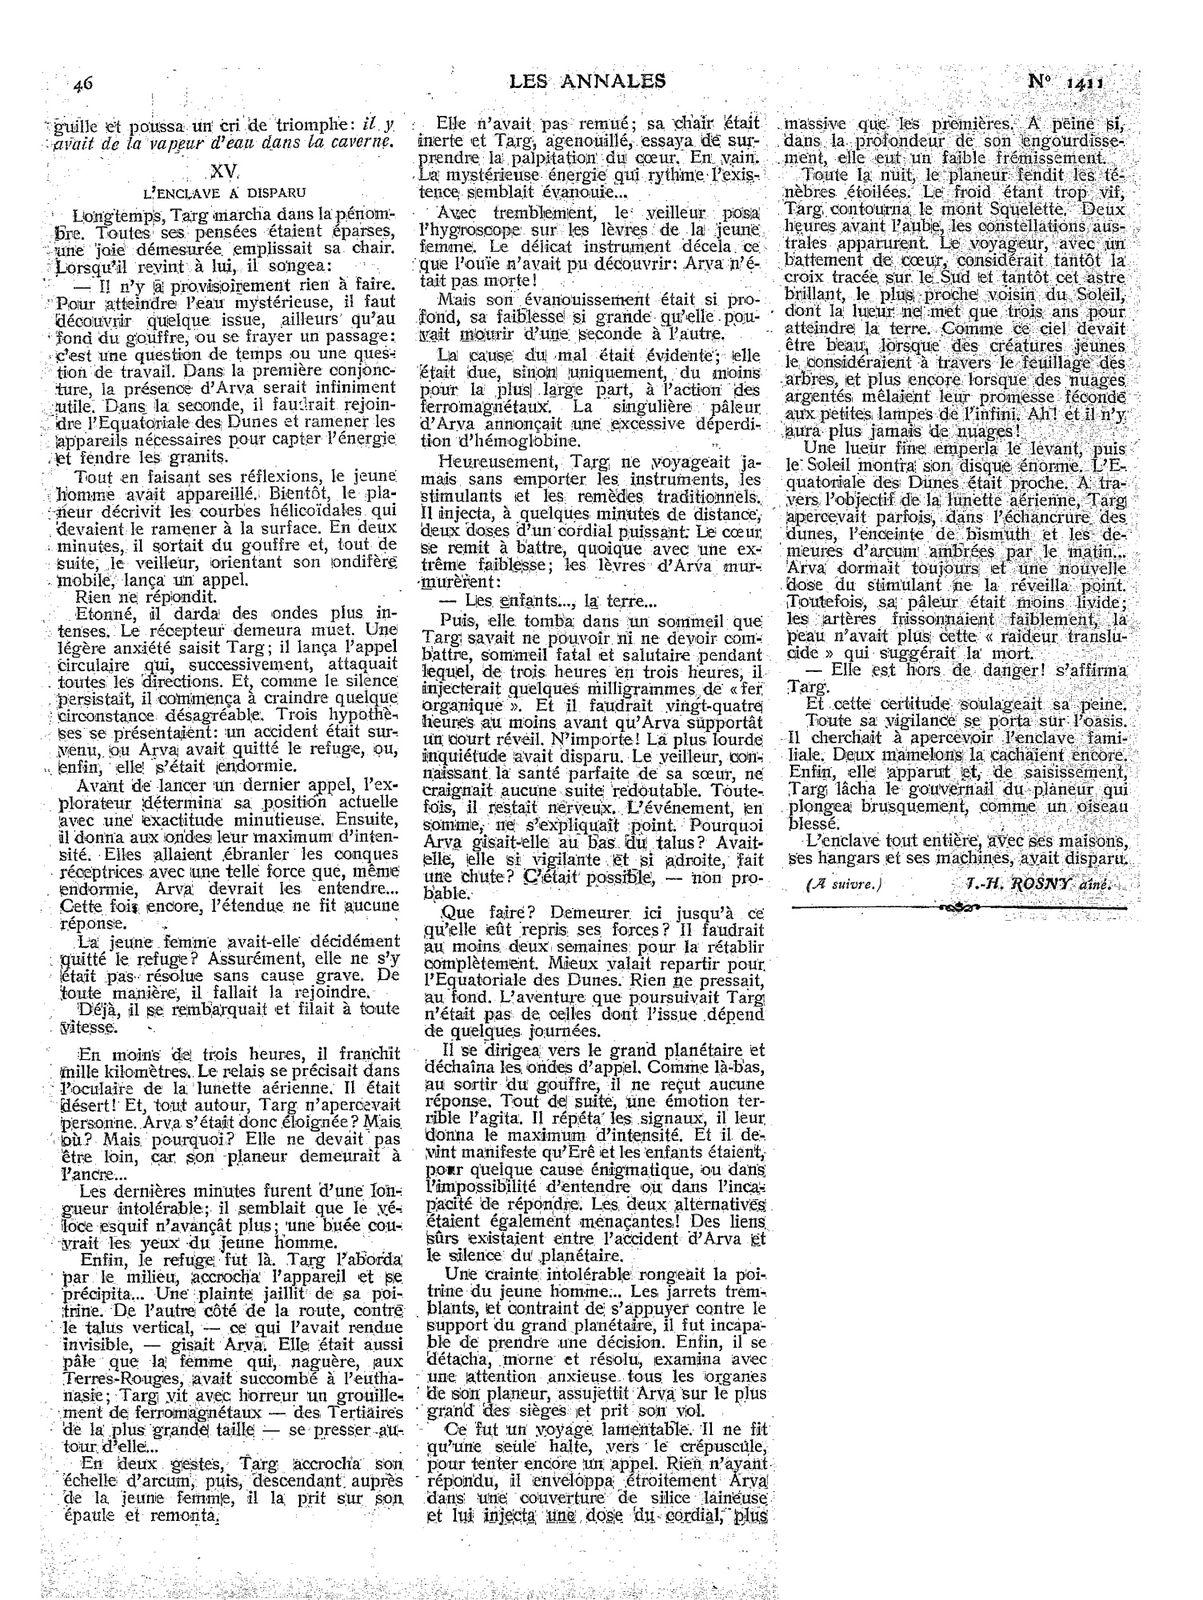 """J.-H. Rosny aîné """"La Mort de la Terre"""" in Les Annales politiques et littéraires n°1411 du 10 juillet 1910"""